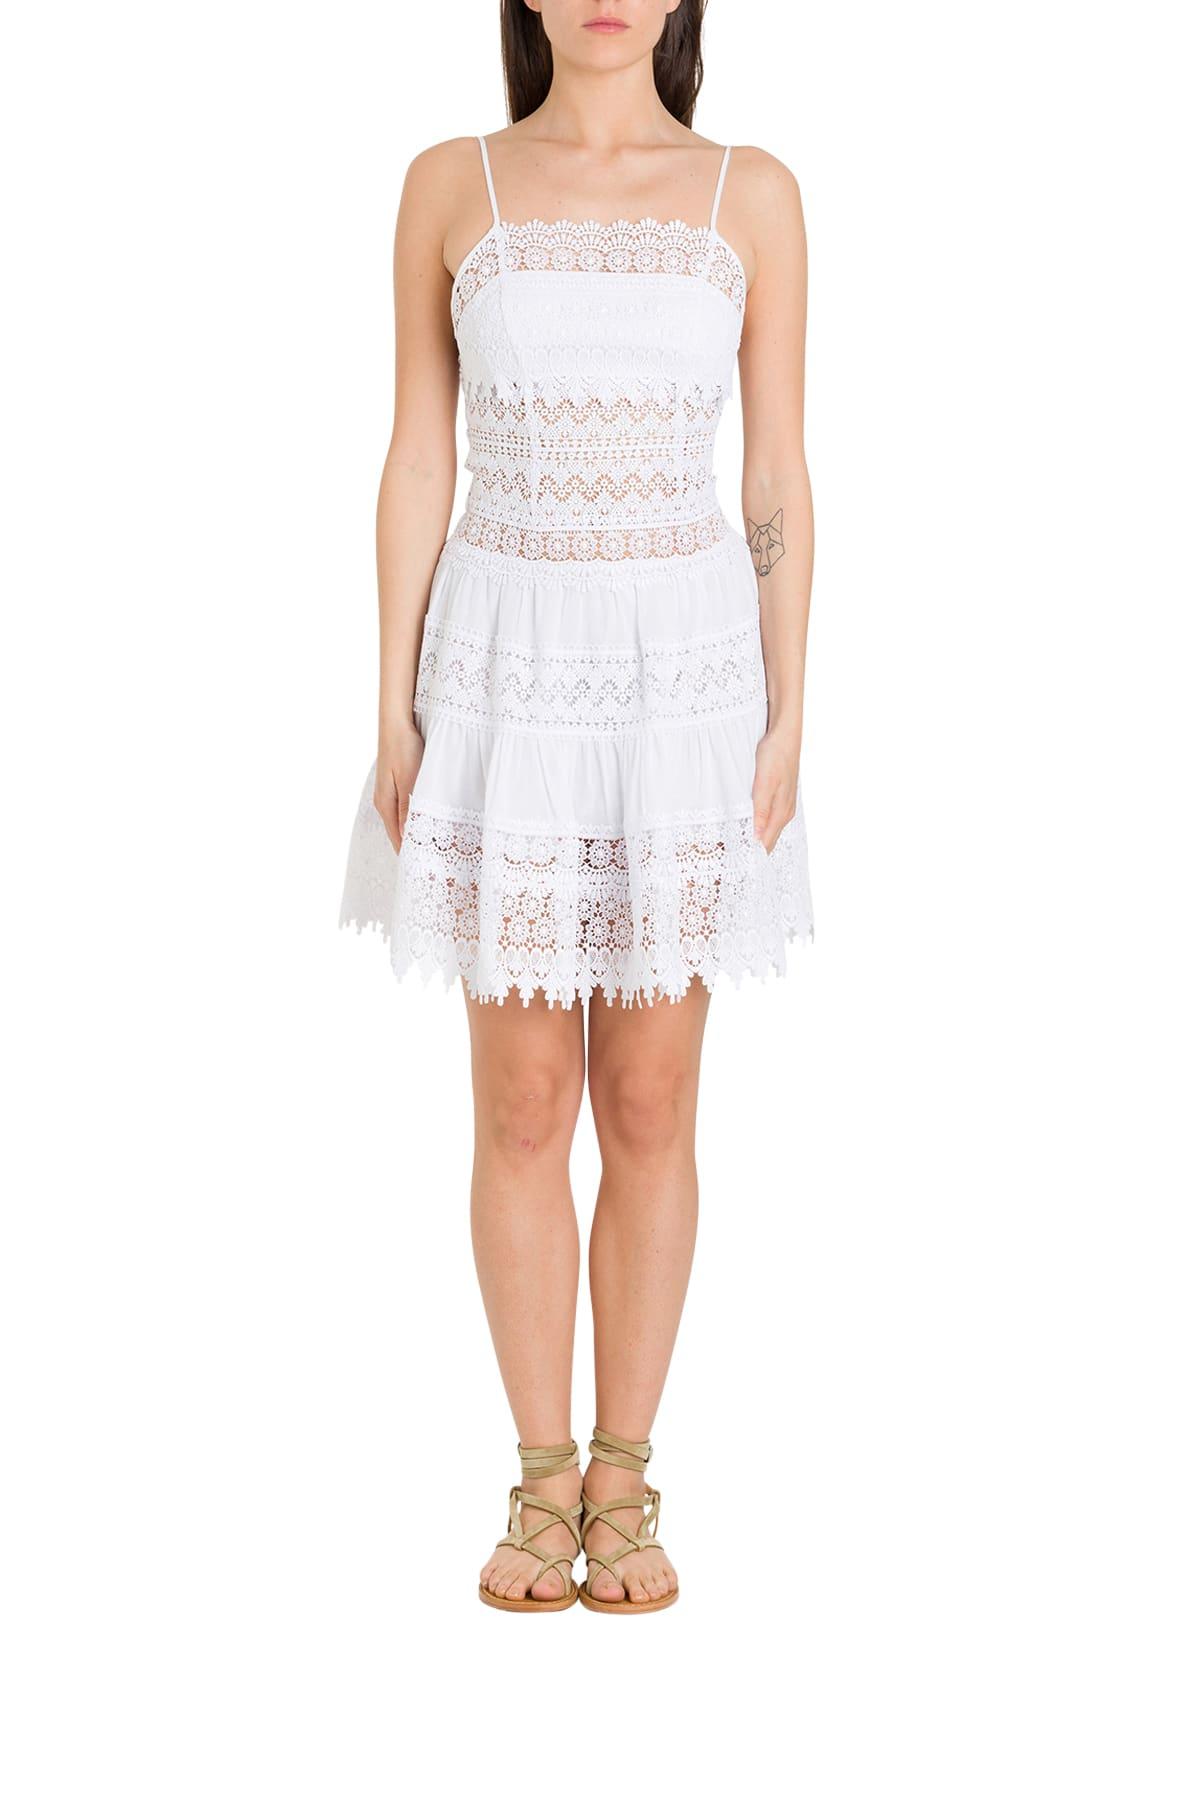 Buy Charo Ruiz Joya Minidress online, shop Charo Ruiz with free shipping